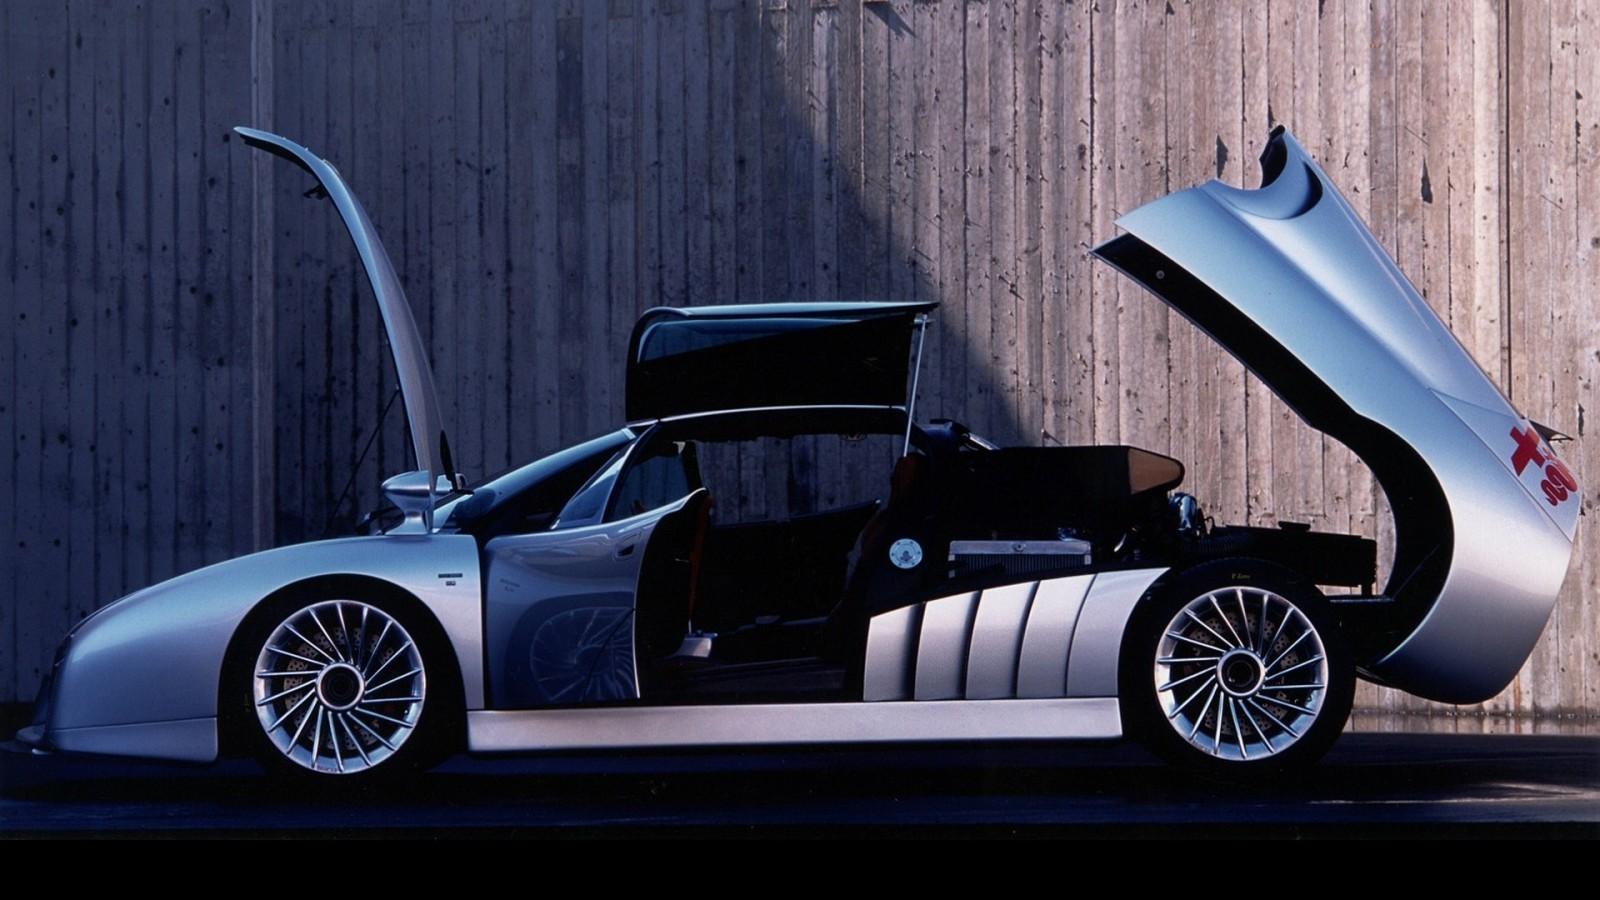 1997-alfa-romeo-scighera-concept10